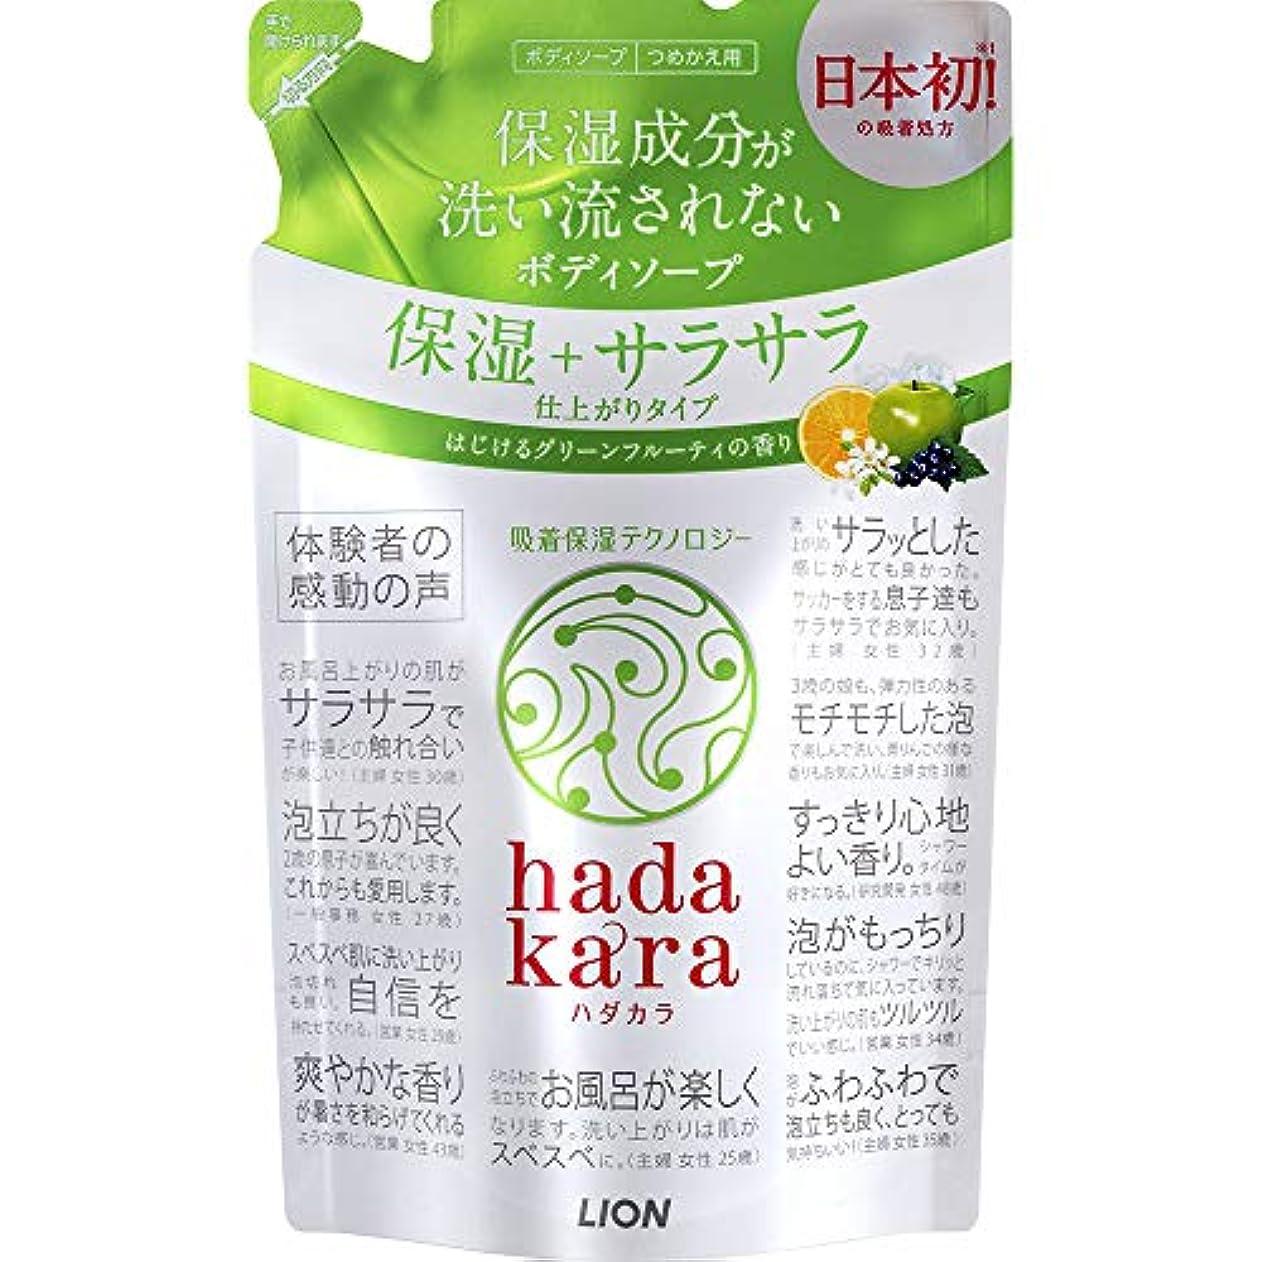 レンズ平衡道徳hadakara(ハダカラ) ボディソープ 保湿+サラサラ仕上がりタイプ グリーンフルーティの香り 詰め替え 340ml